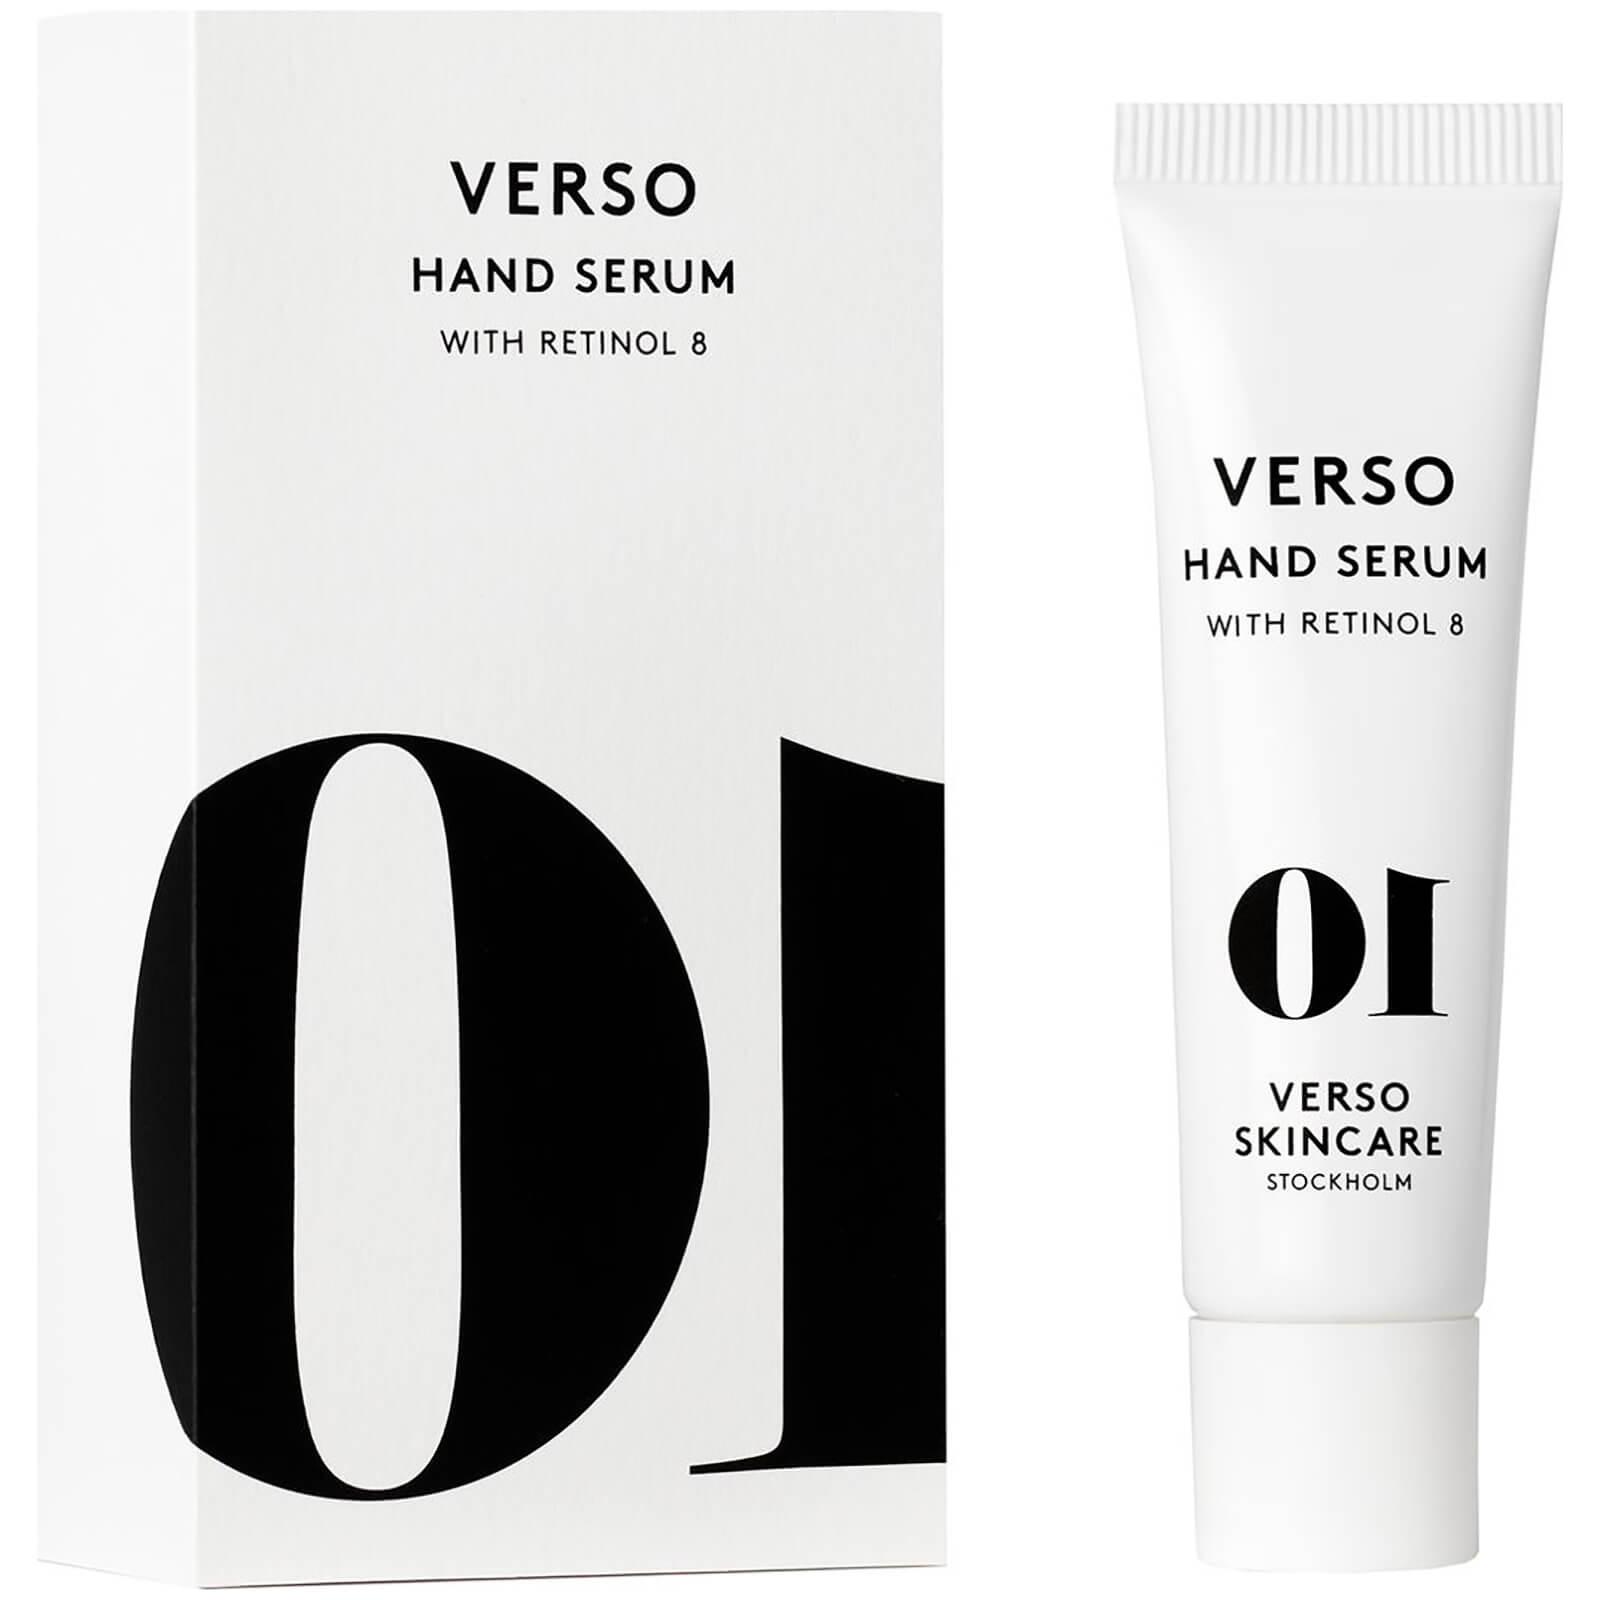 VERSO Hand Serum 30ml